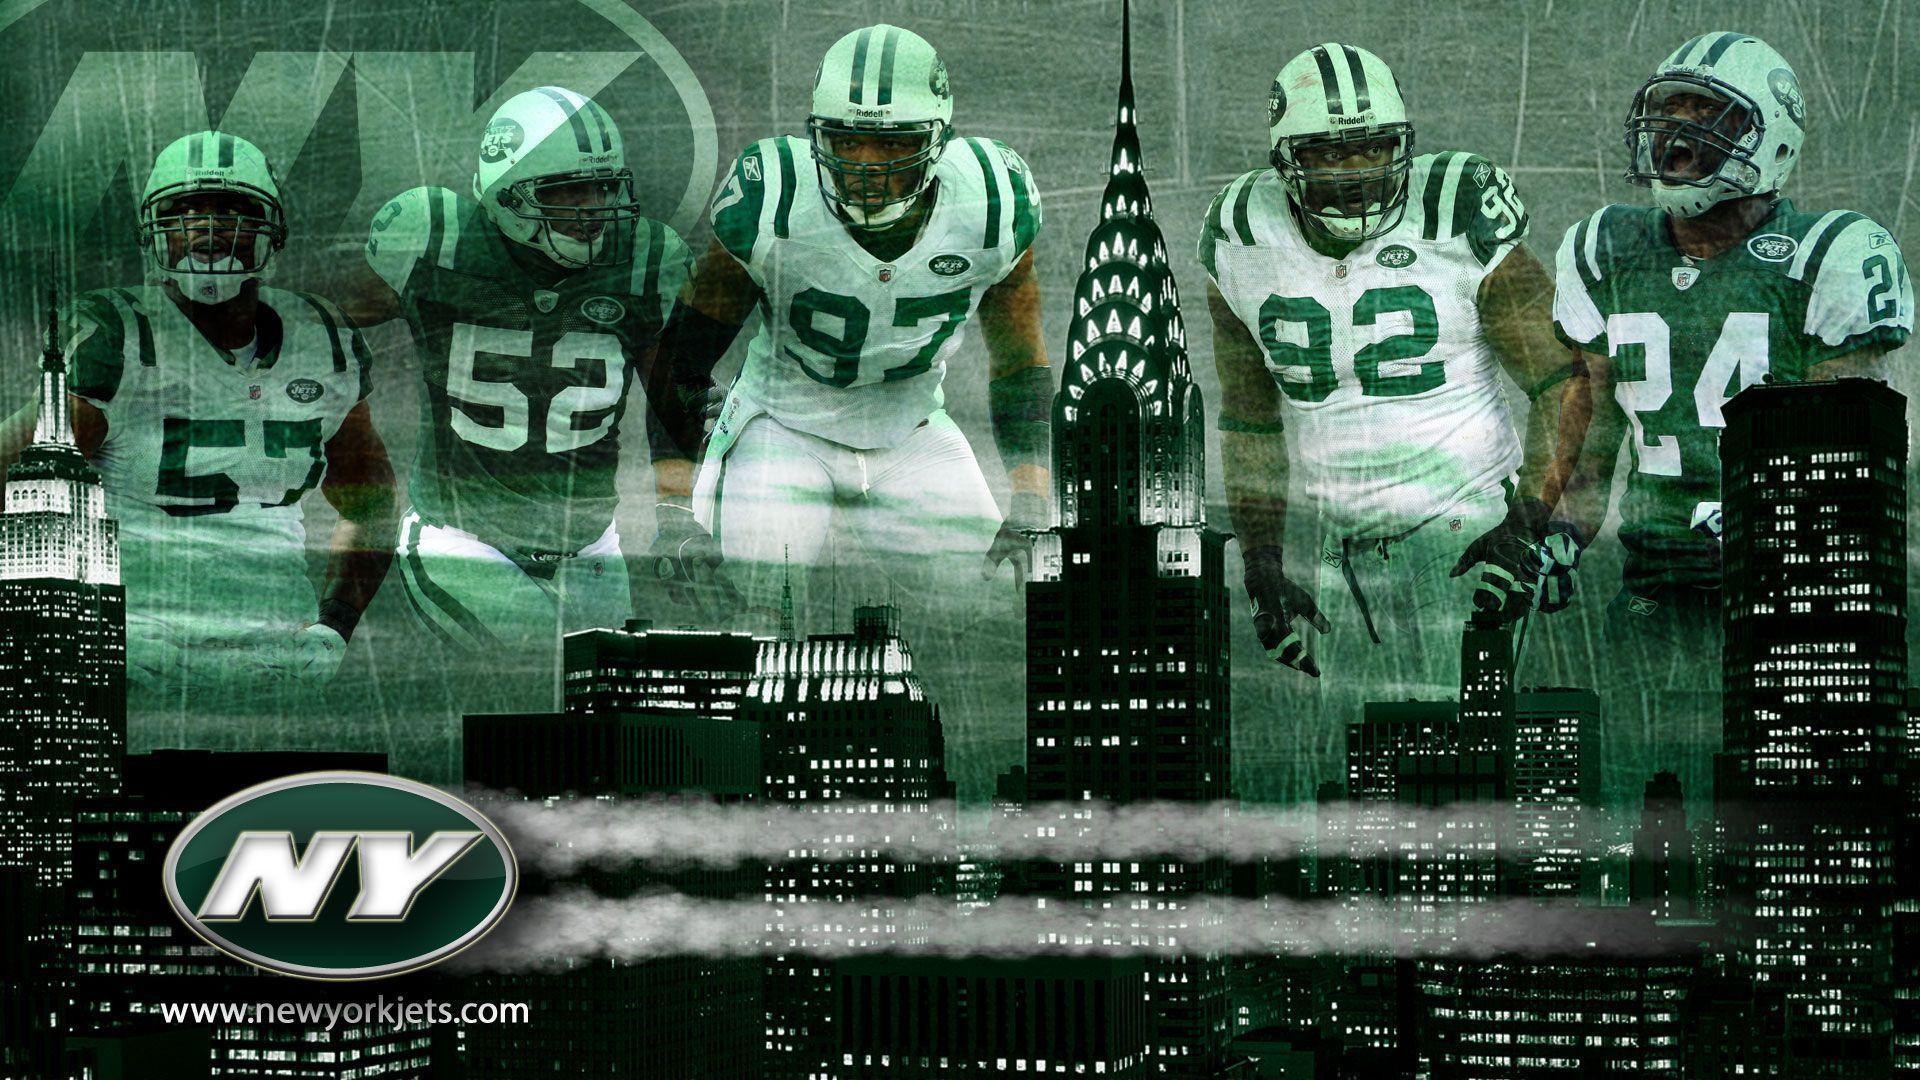 NY Jets Wallpaper and Screensaver – WallpaperSafari